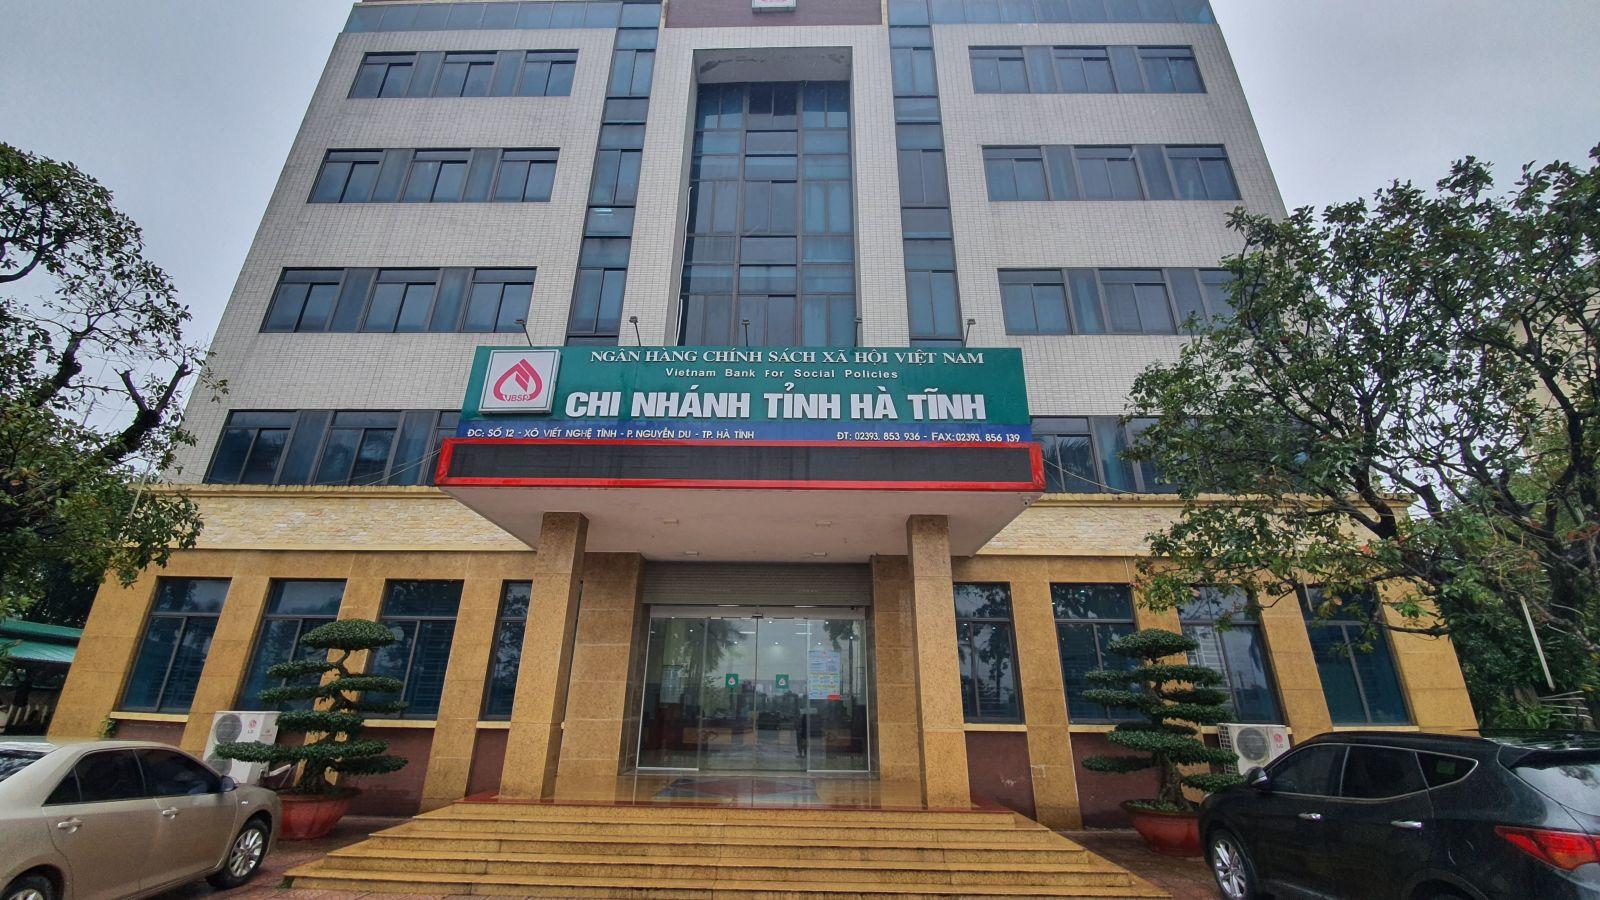 Hà Tĩnh: Quý I/2021, ngành ngân hàng huy động 74.971 tỷ đồng